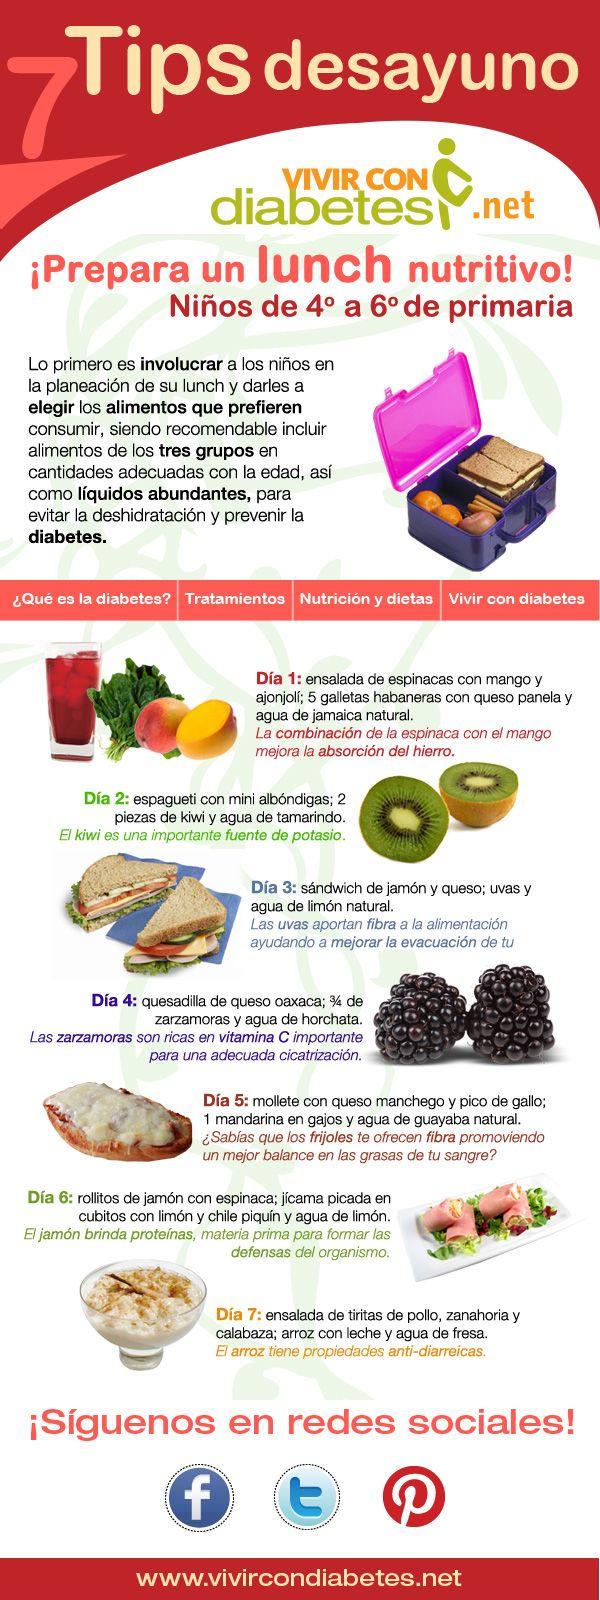 7 tips de desayuno. Lunch nutritivo para niños de 4º a 6º de primaria.